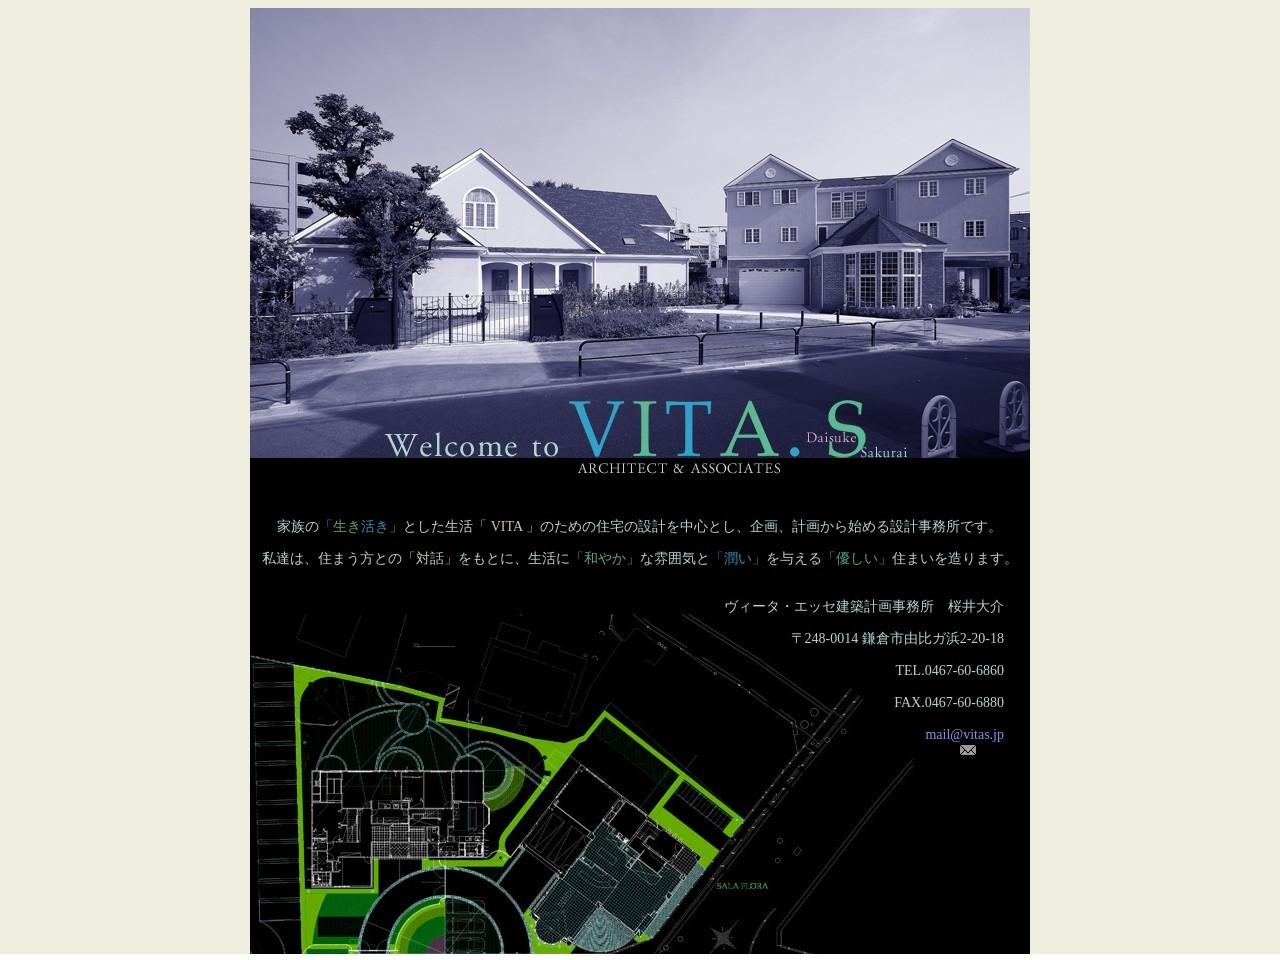 ヴィータ・エッセ建築計画事務所